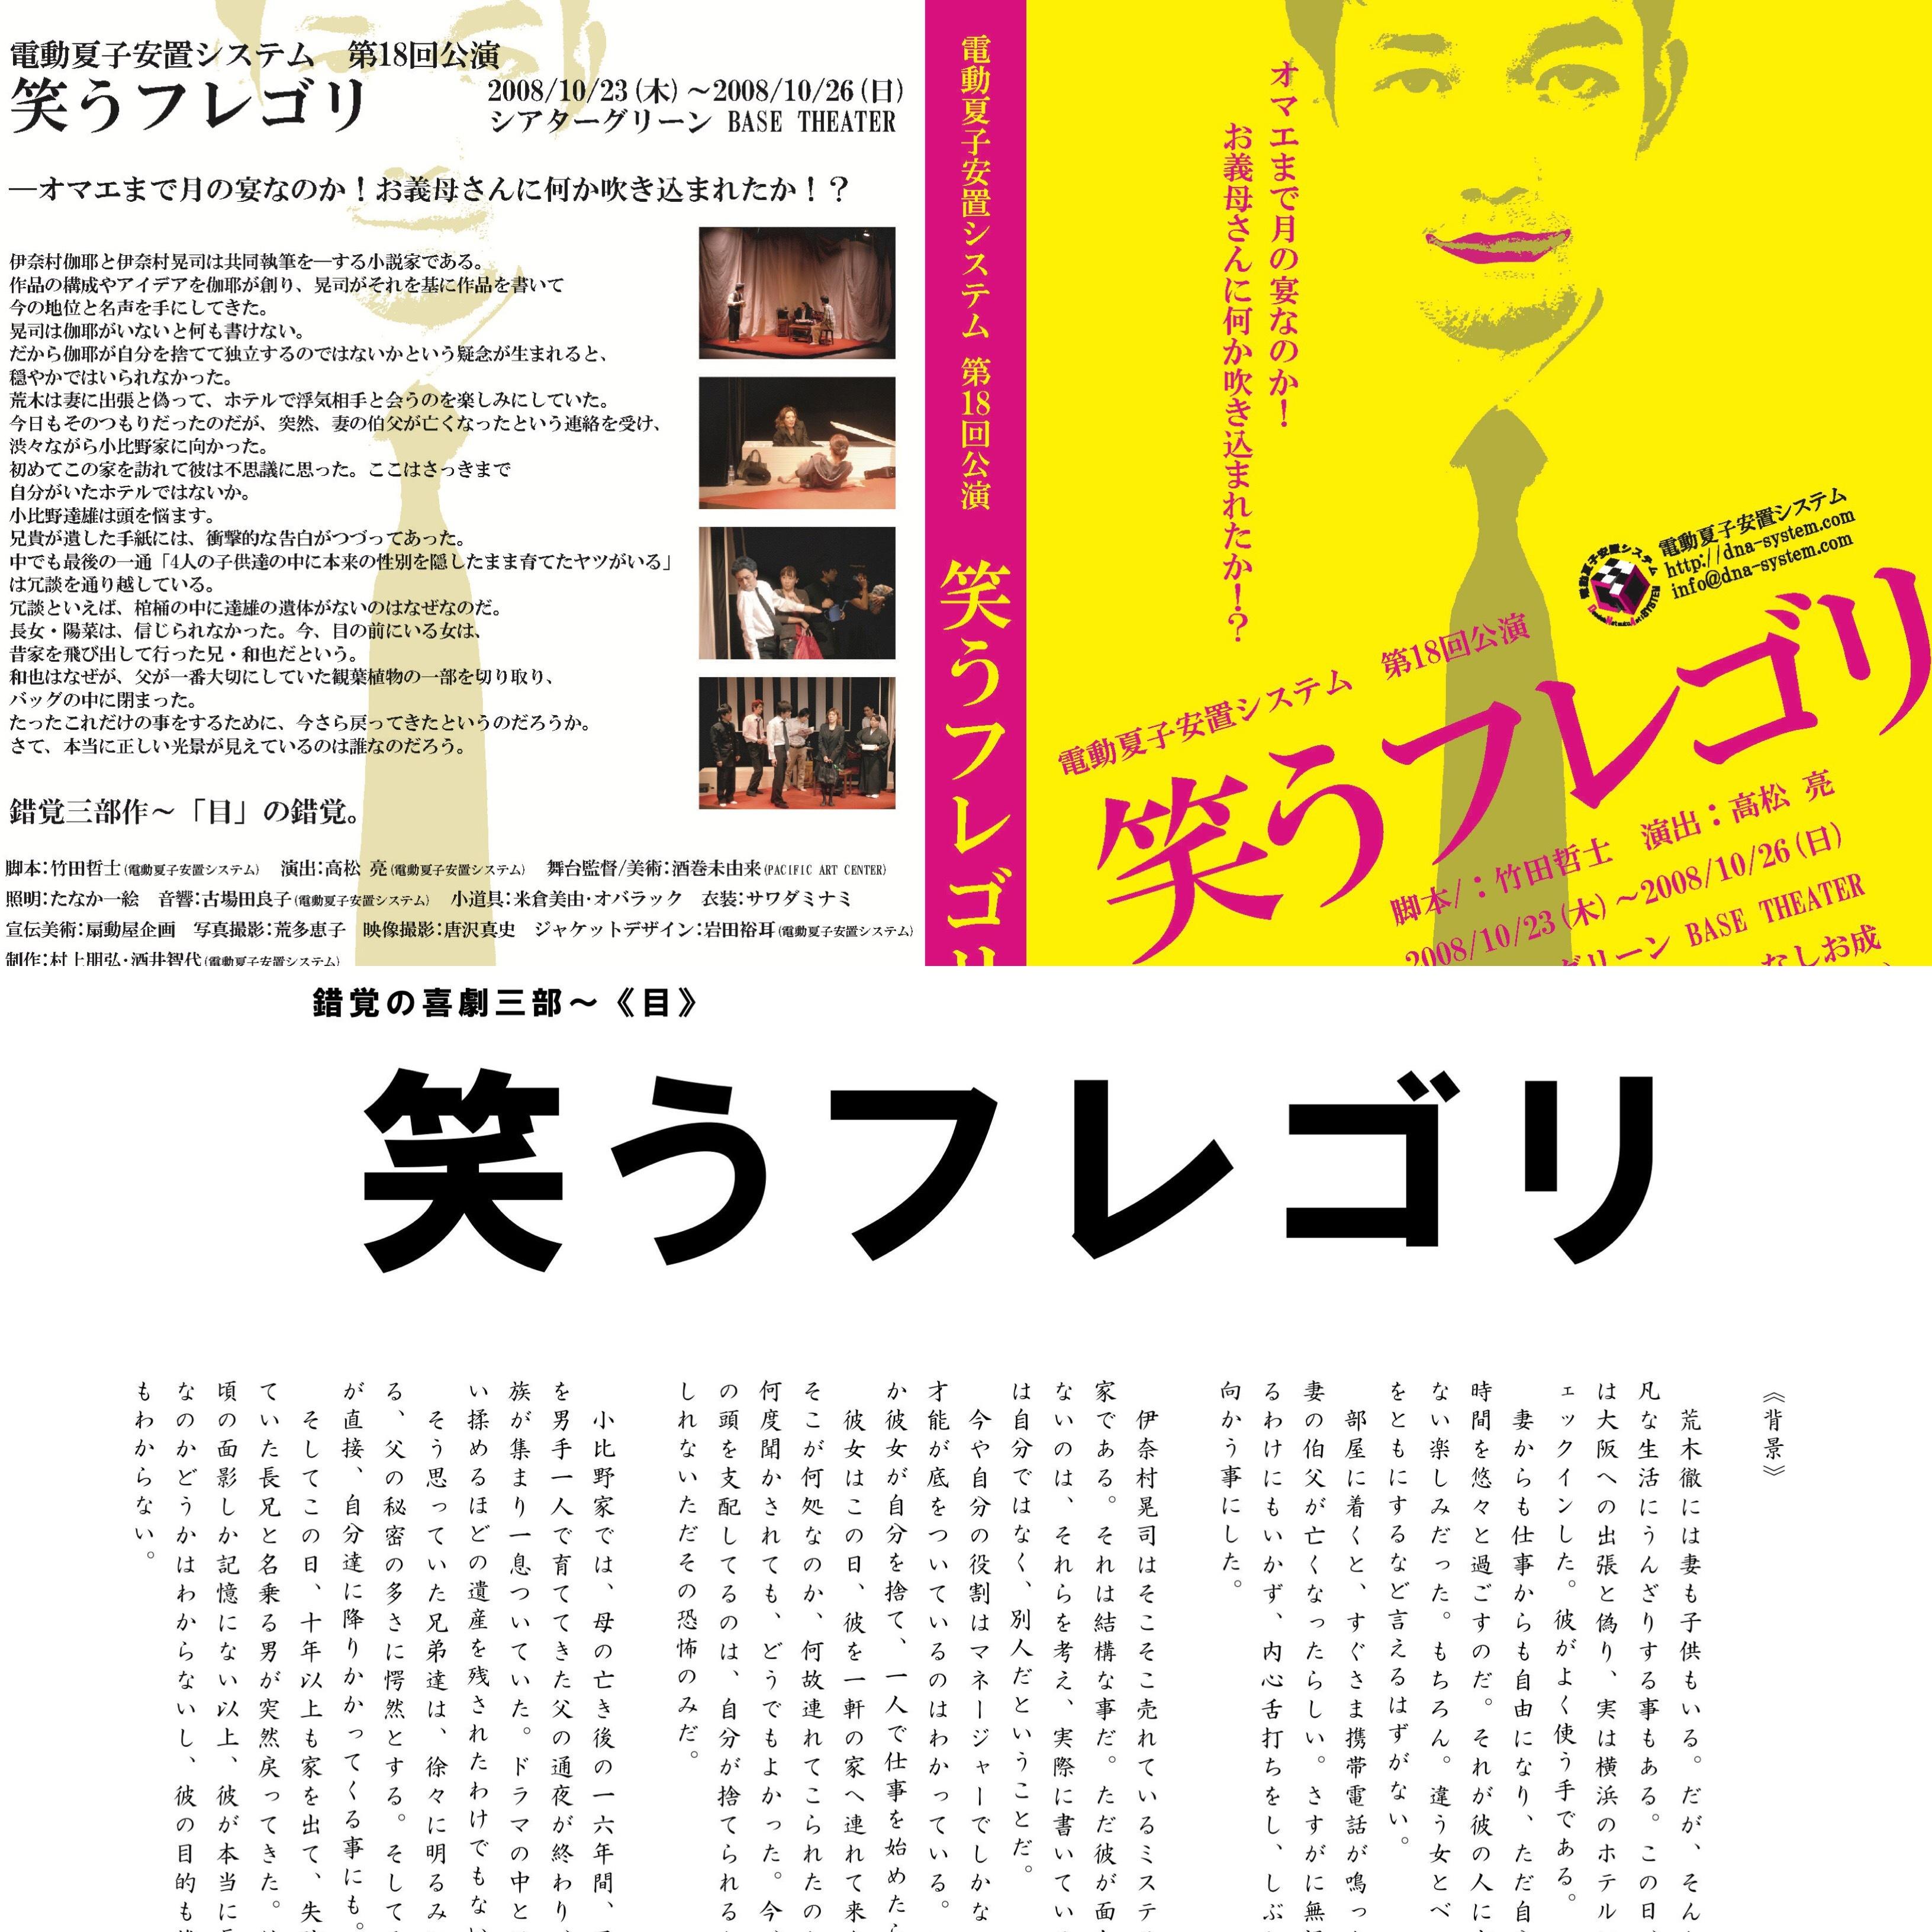 DVD+台本セット 第18回公演『笑うフレゴリ』